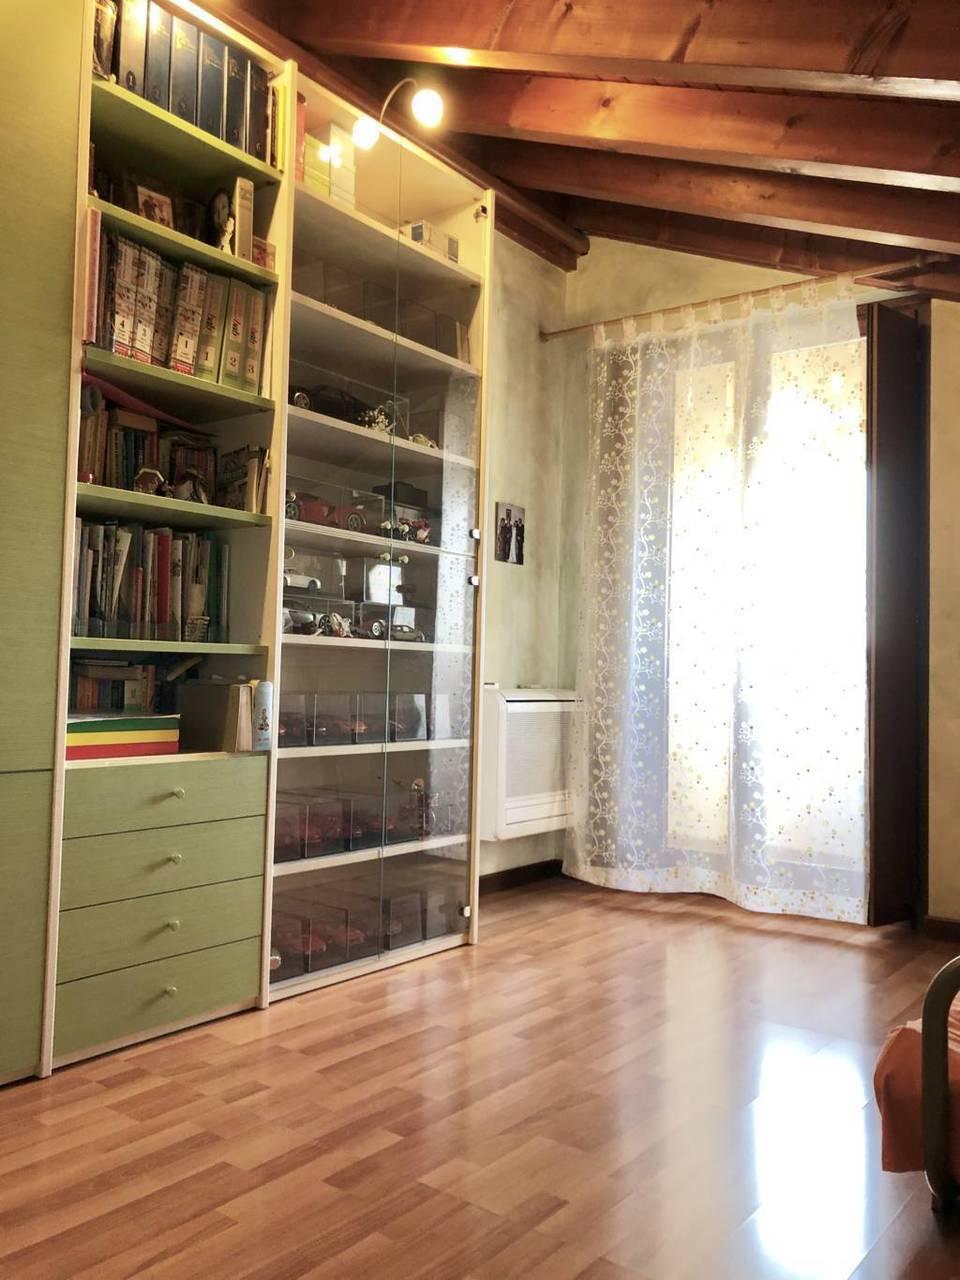 Appartamento-4-locali-giardino-in-vendita-Busnago-19